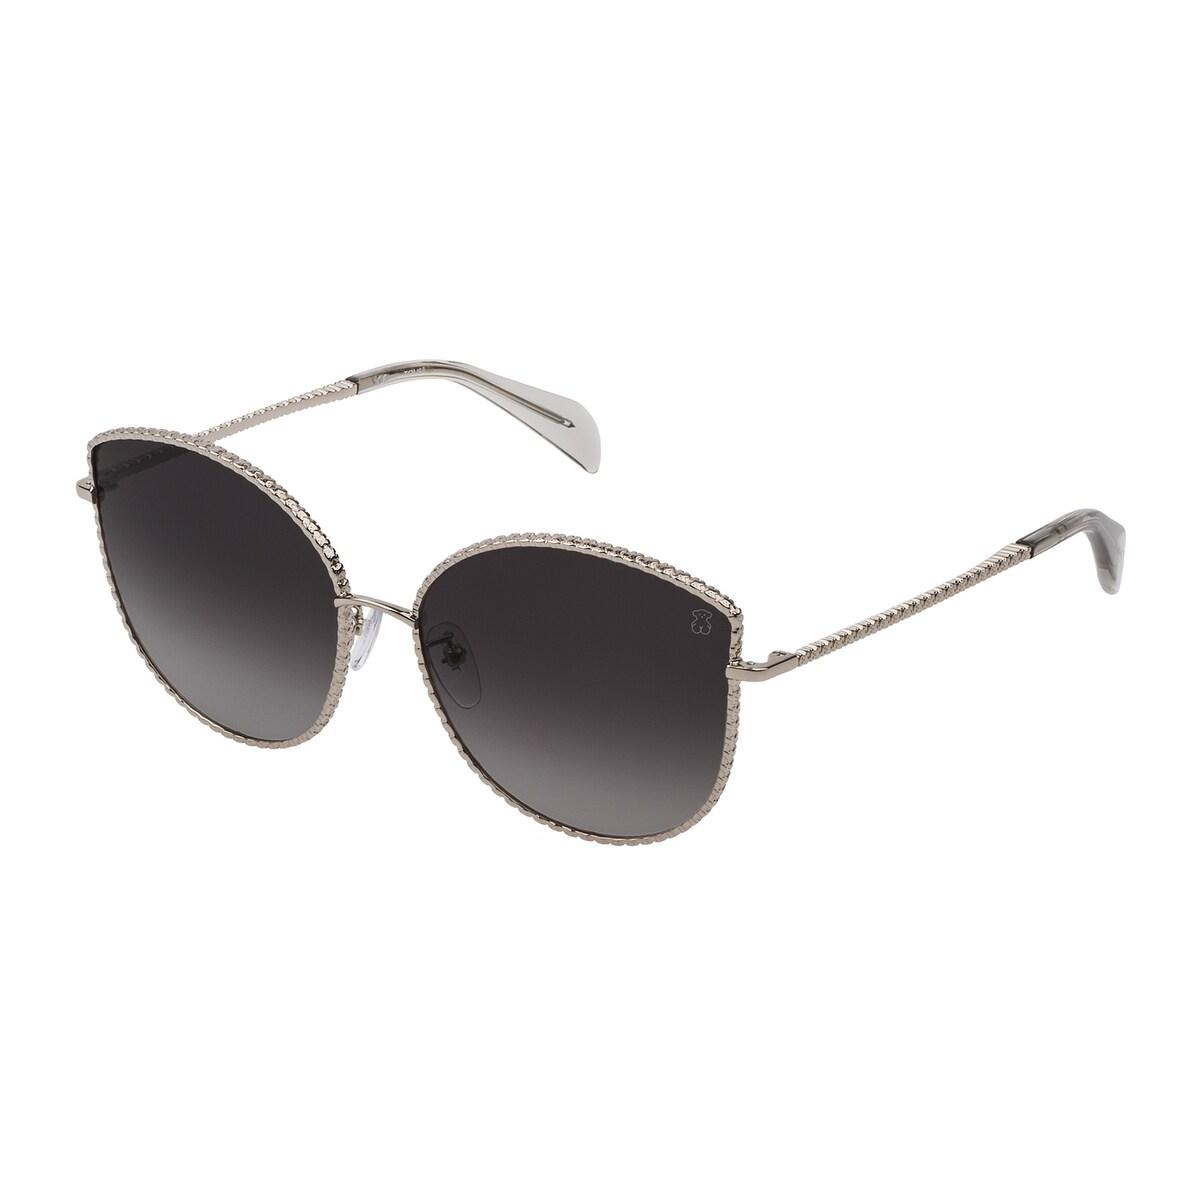 Silver colored Oso Straight Metal Sunglasses